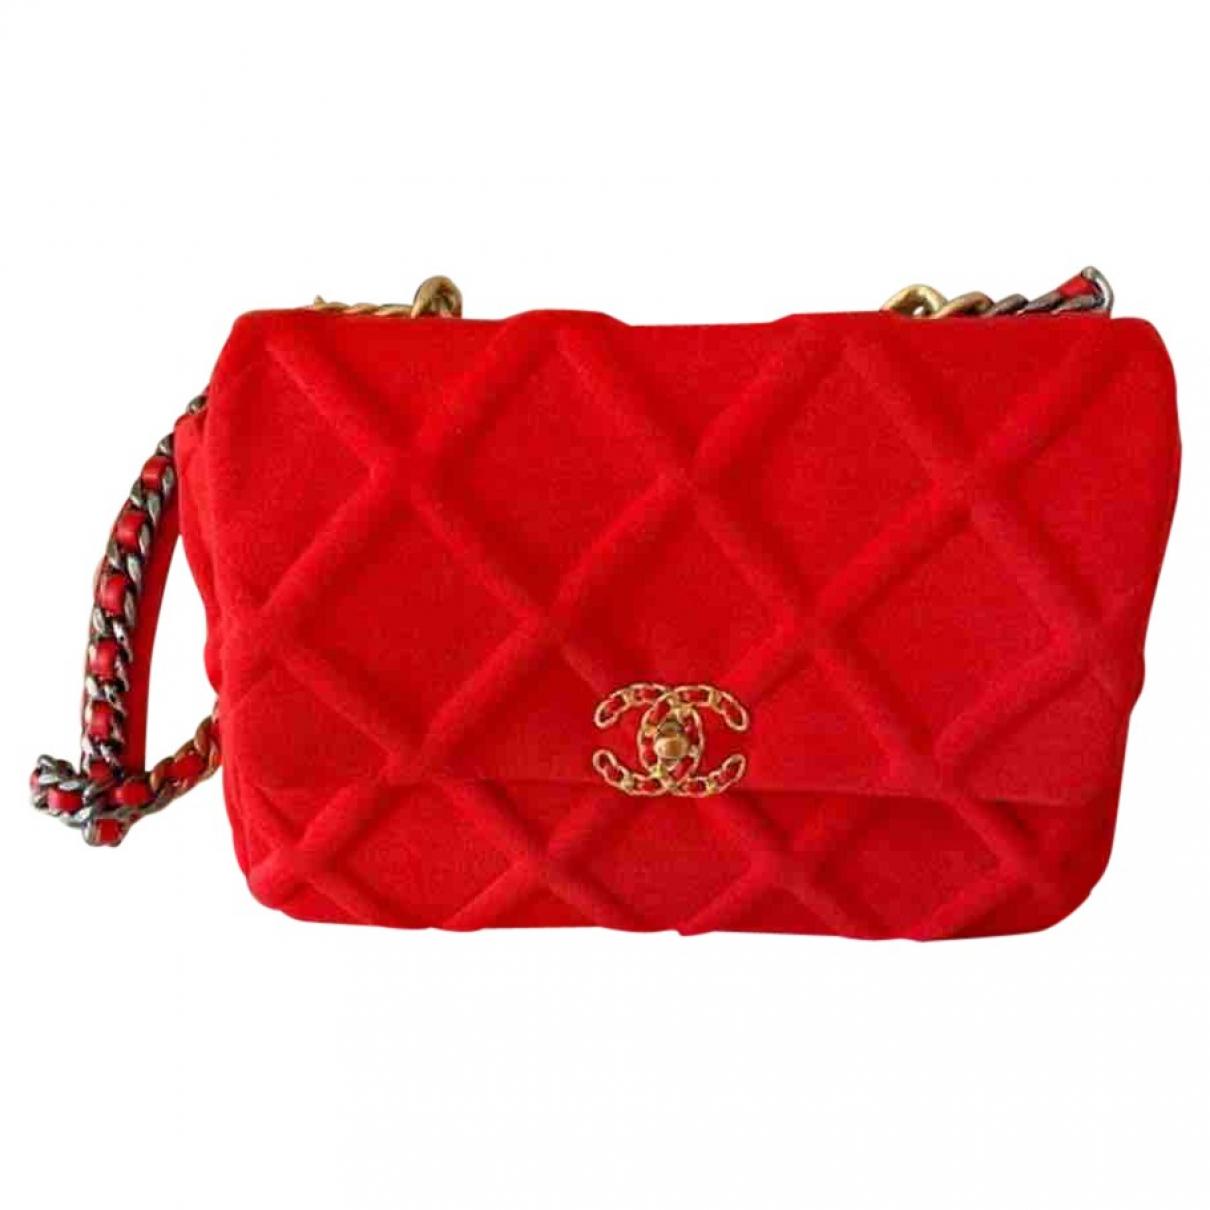 Chanel - Sac a main Chanel 19 pour femme en toile - rouge